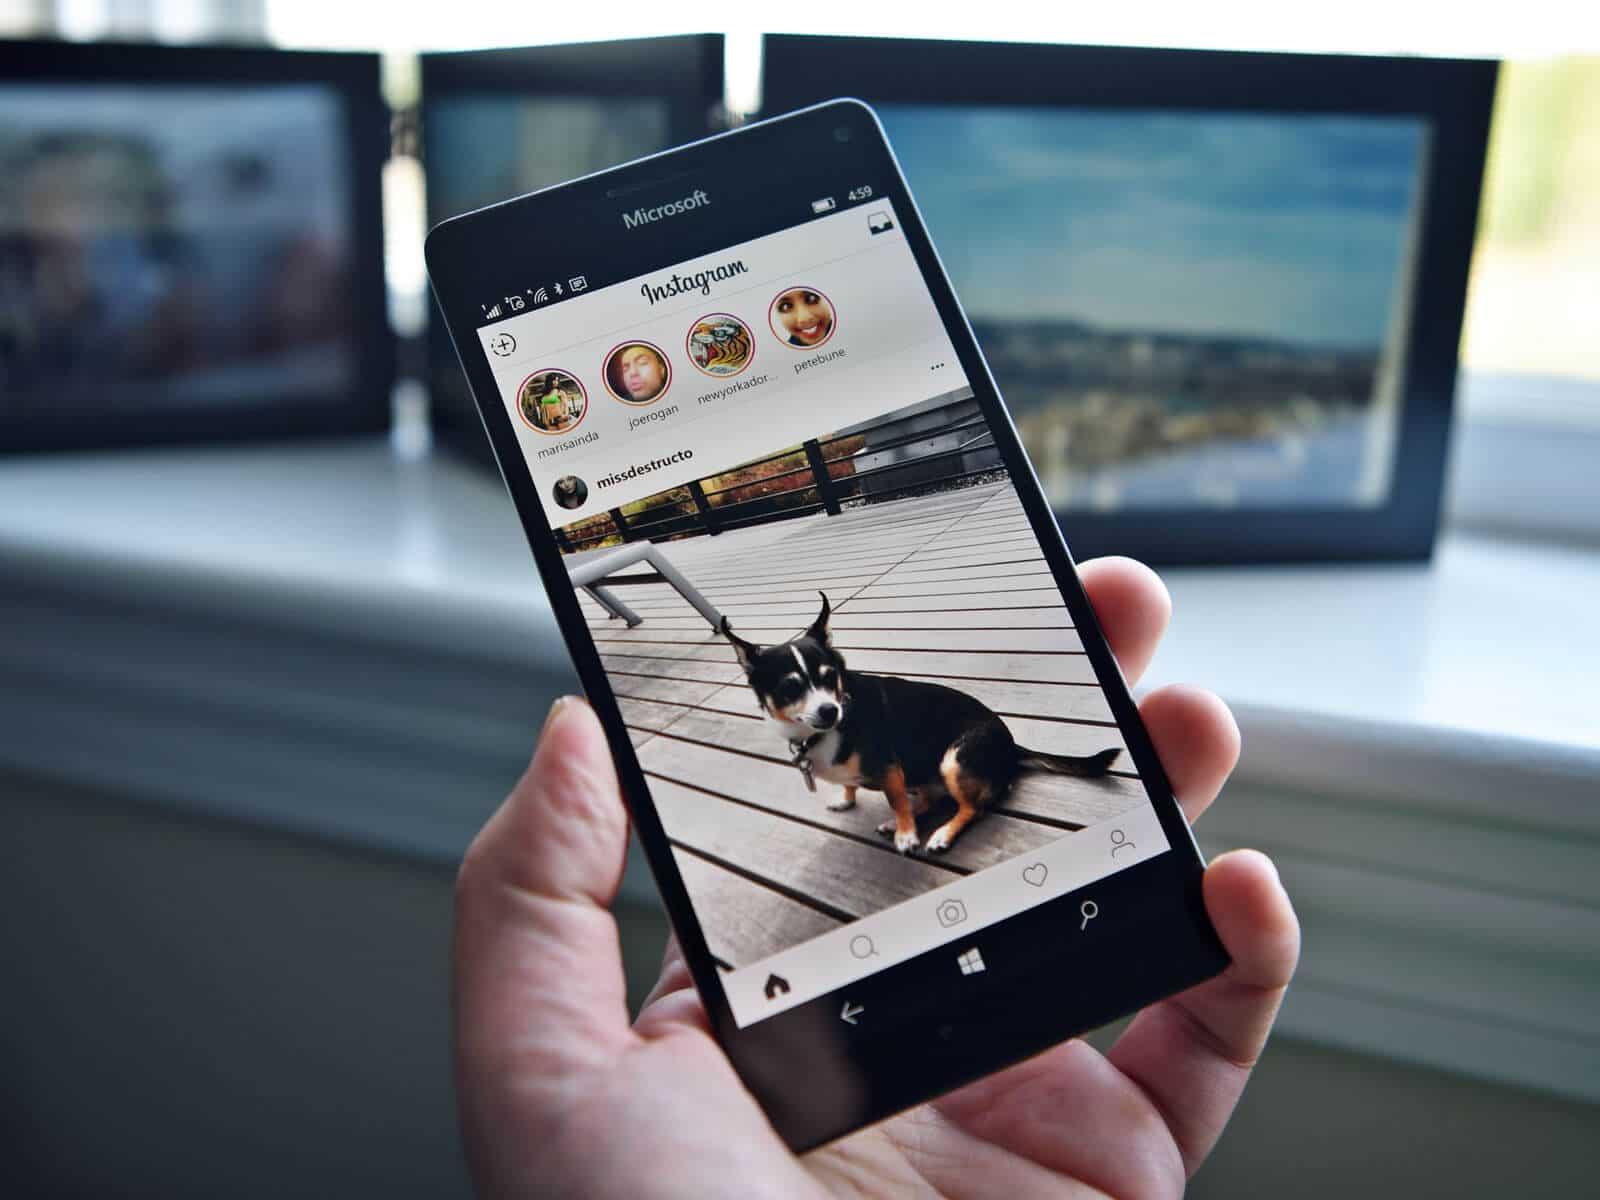 Как сохранить видео из истории инстаграма чужого человека: на андроиде и айфоне